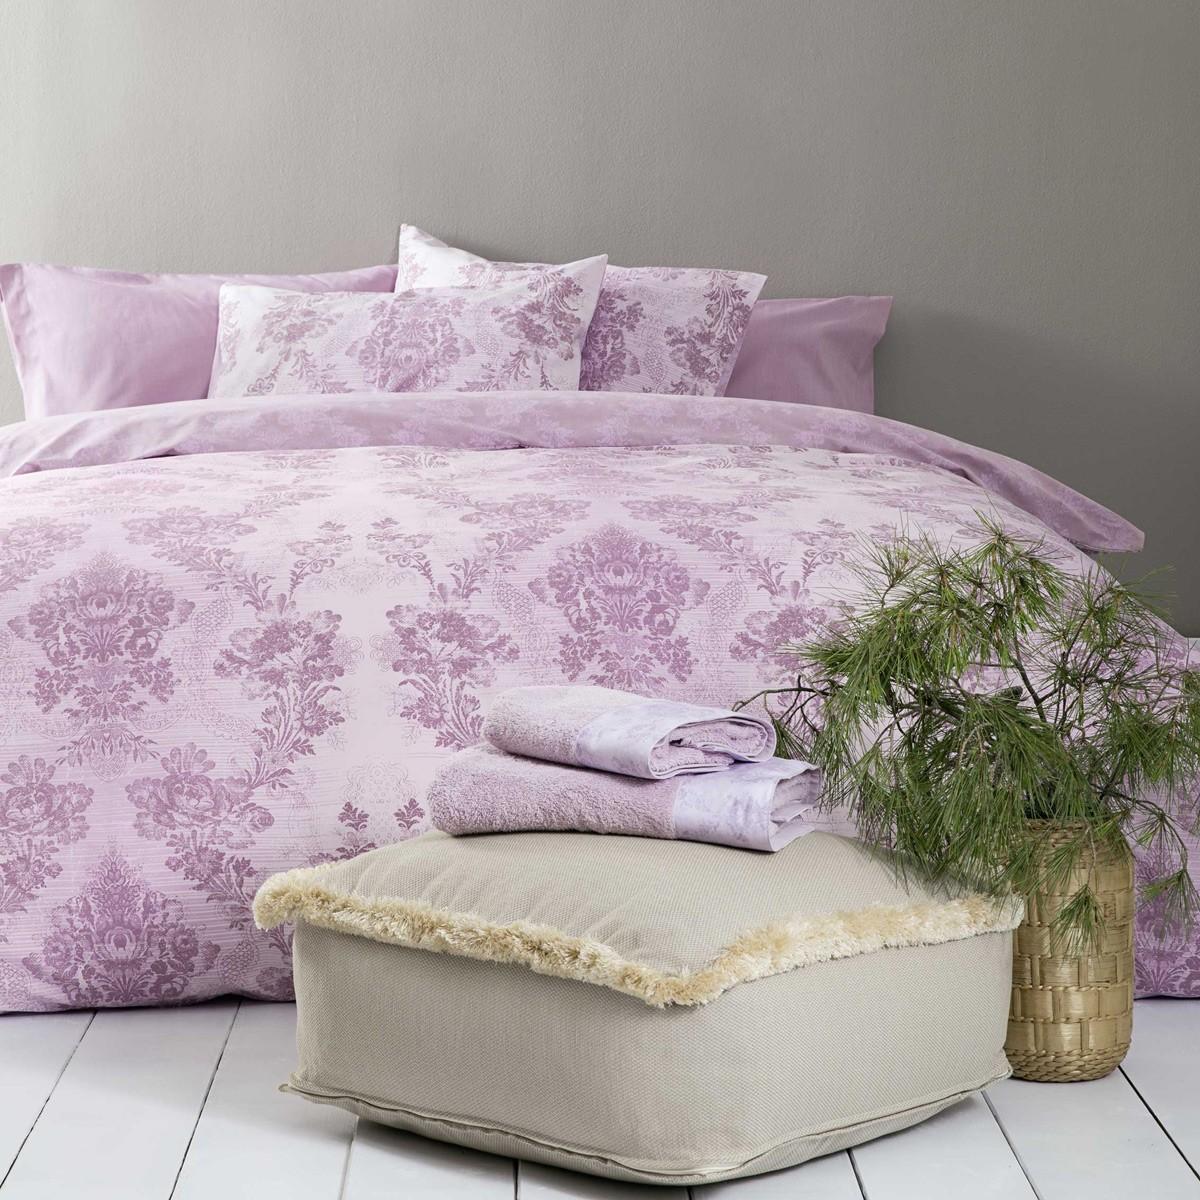 Παπλωματοθήκη Μονή (Σετ) Nima Bed Linen Kiana Pink